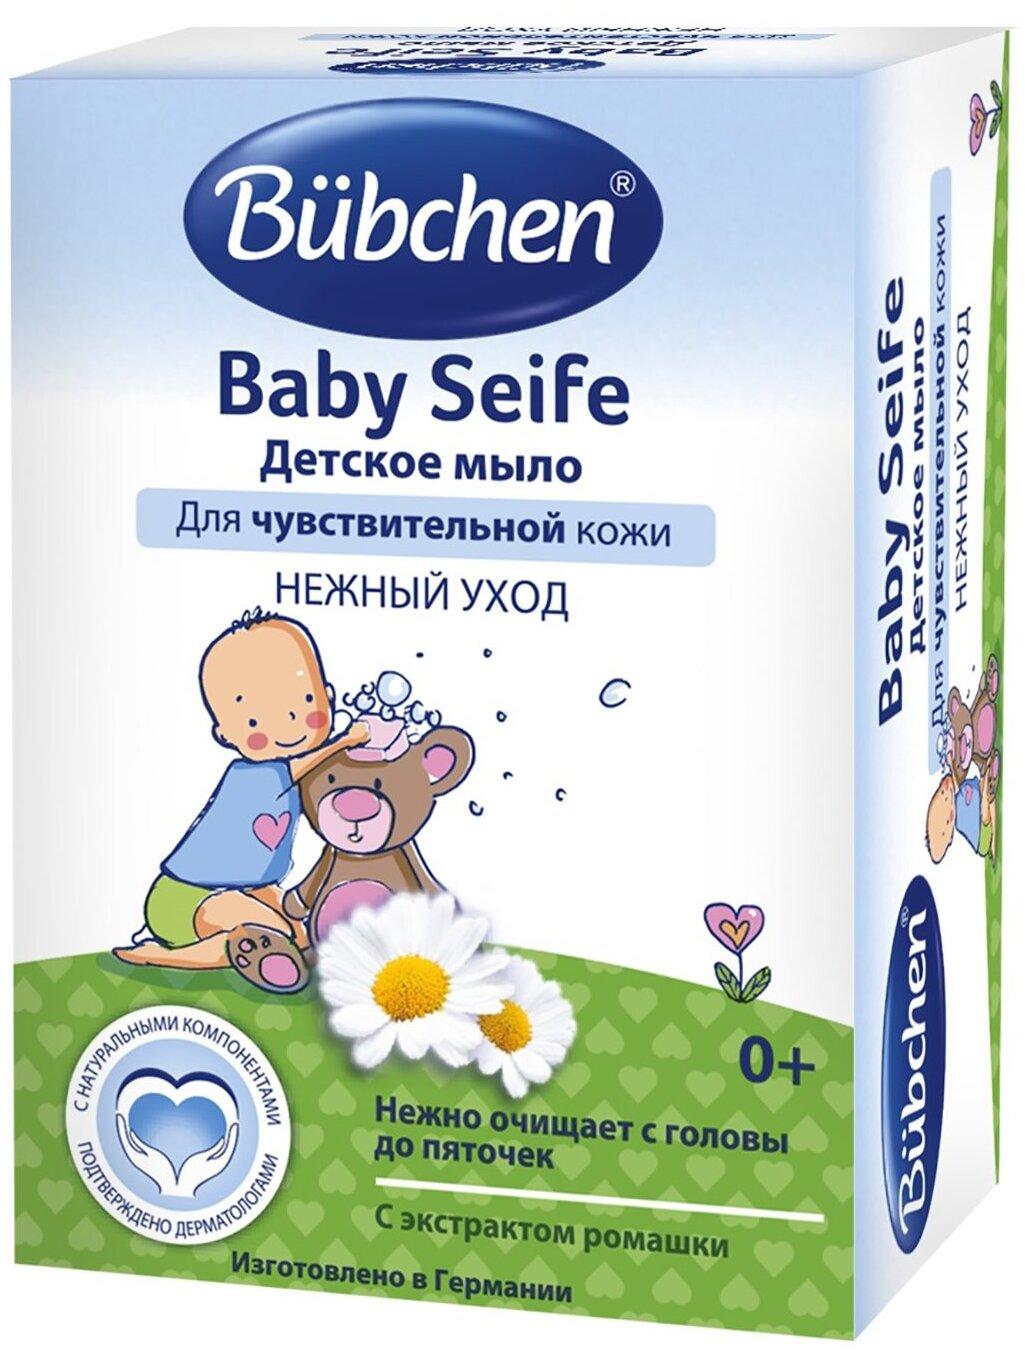 BU1 Мыло детское 125 г